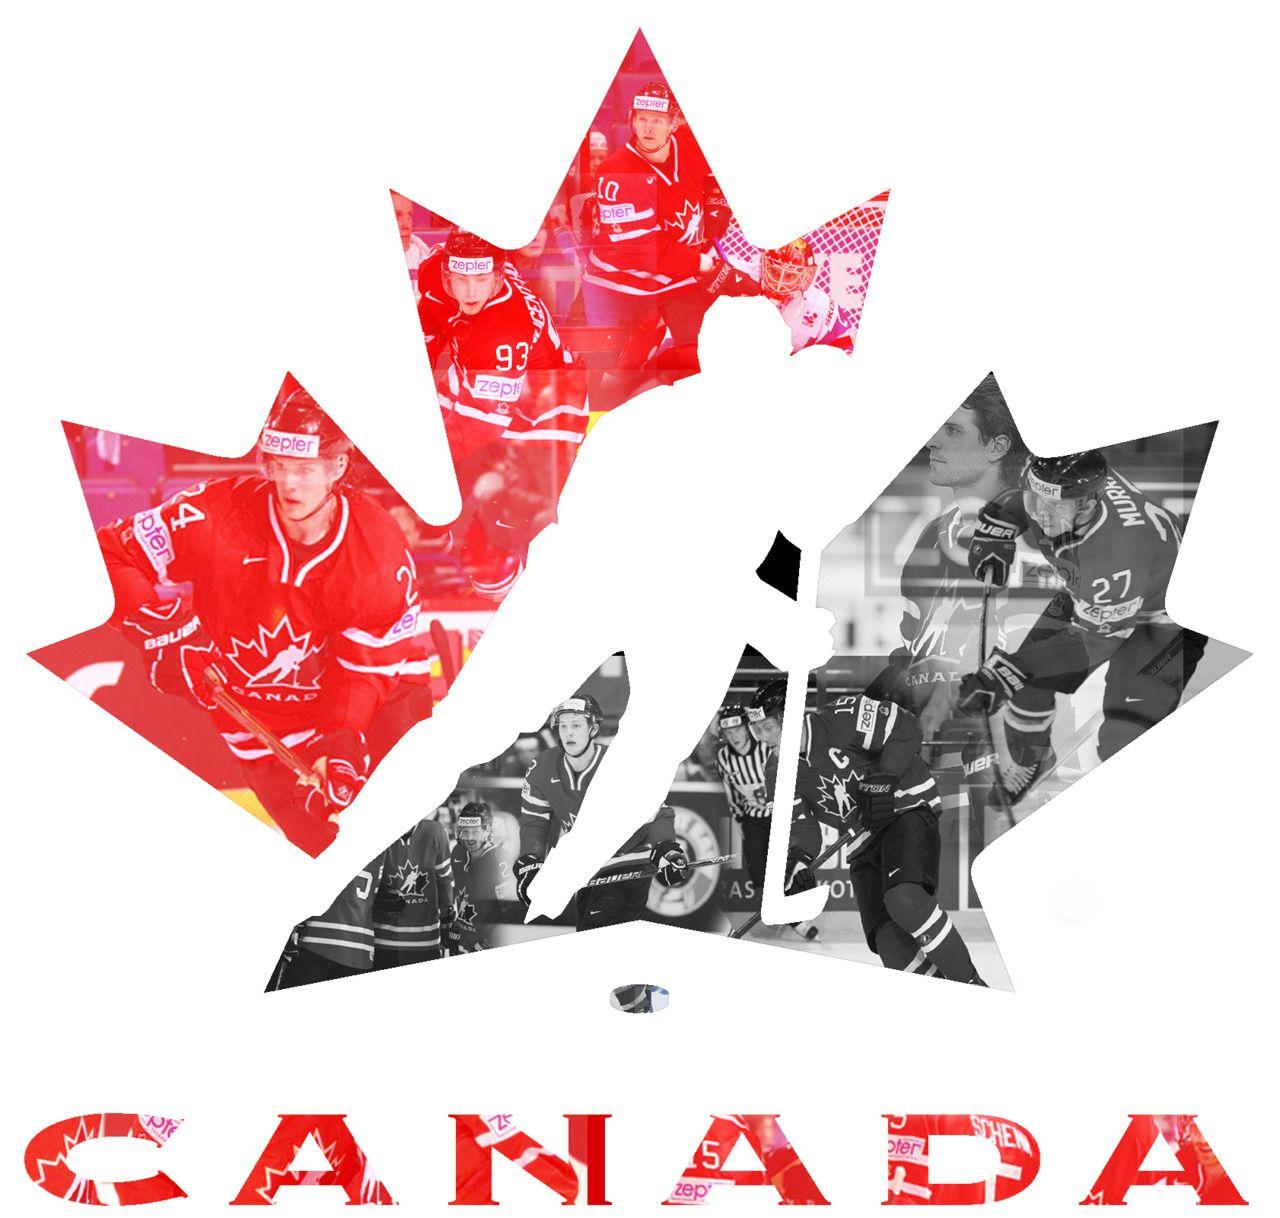 Canada Canada National Hockey Team Canada Hockey Team Canada Hockey Team Canada